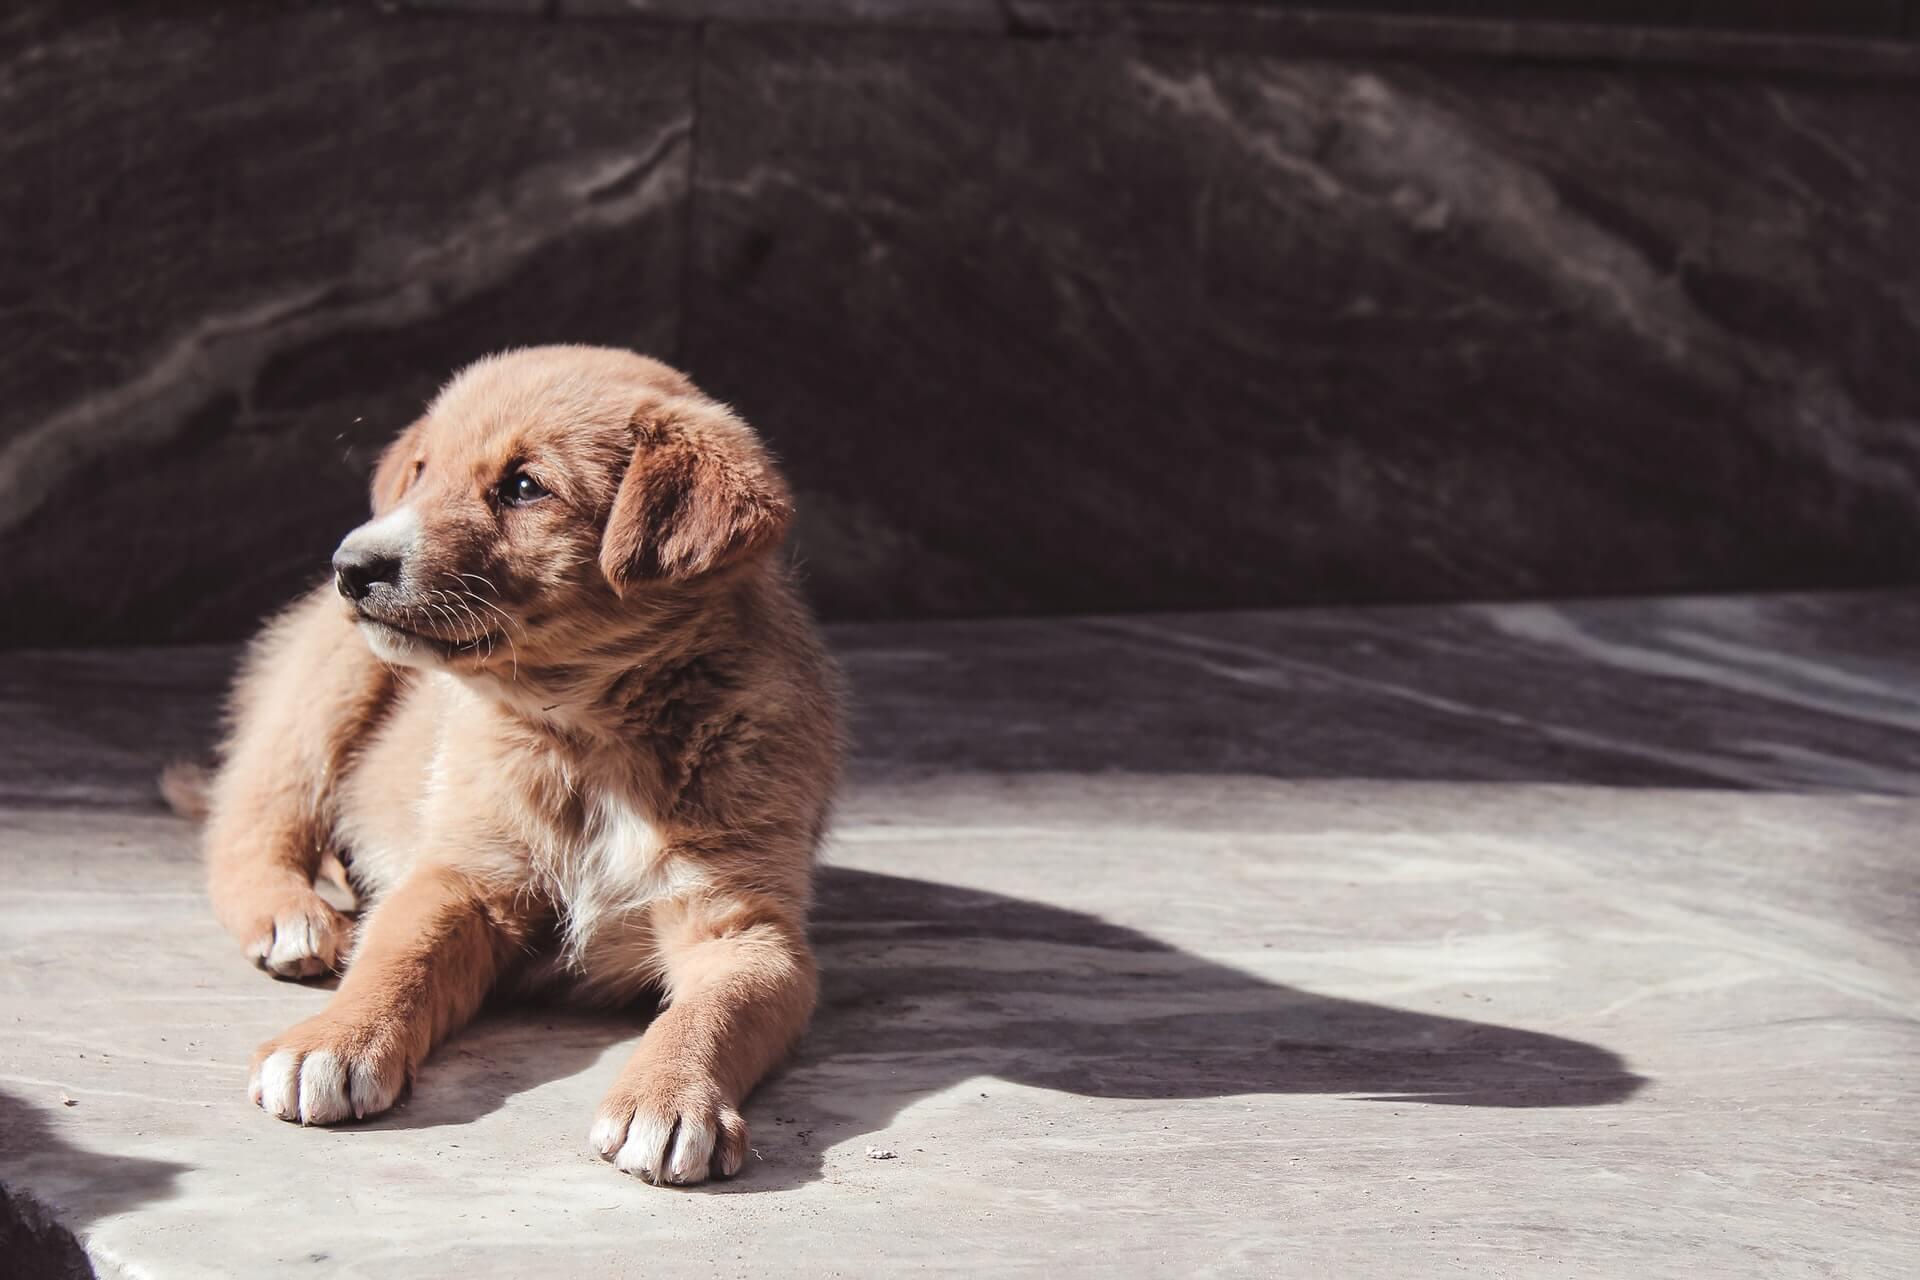 Ảnh nền điện thoại chó con dễ thương nhất